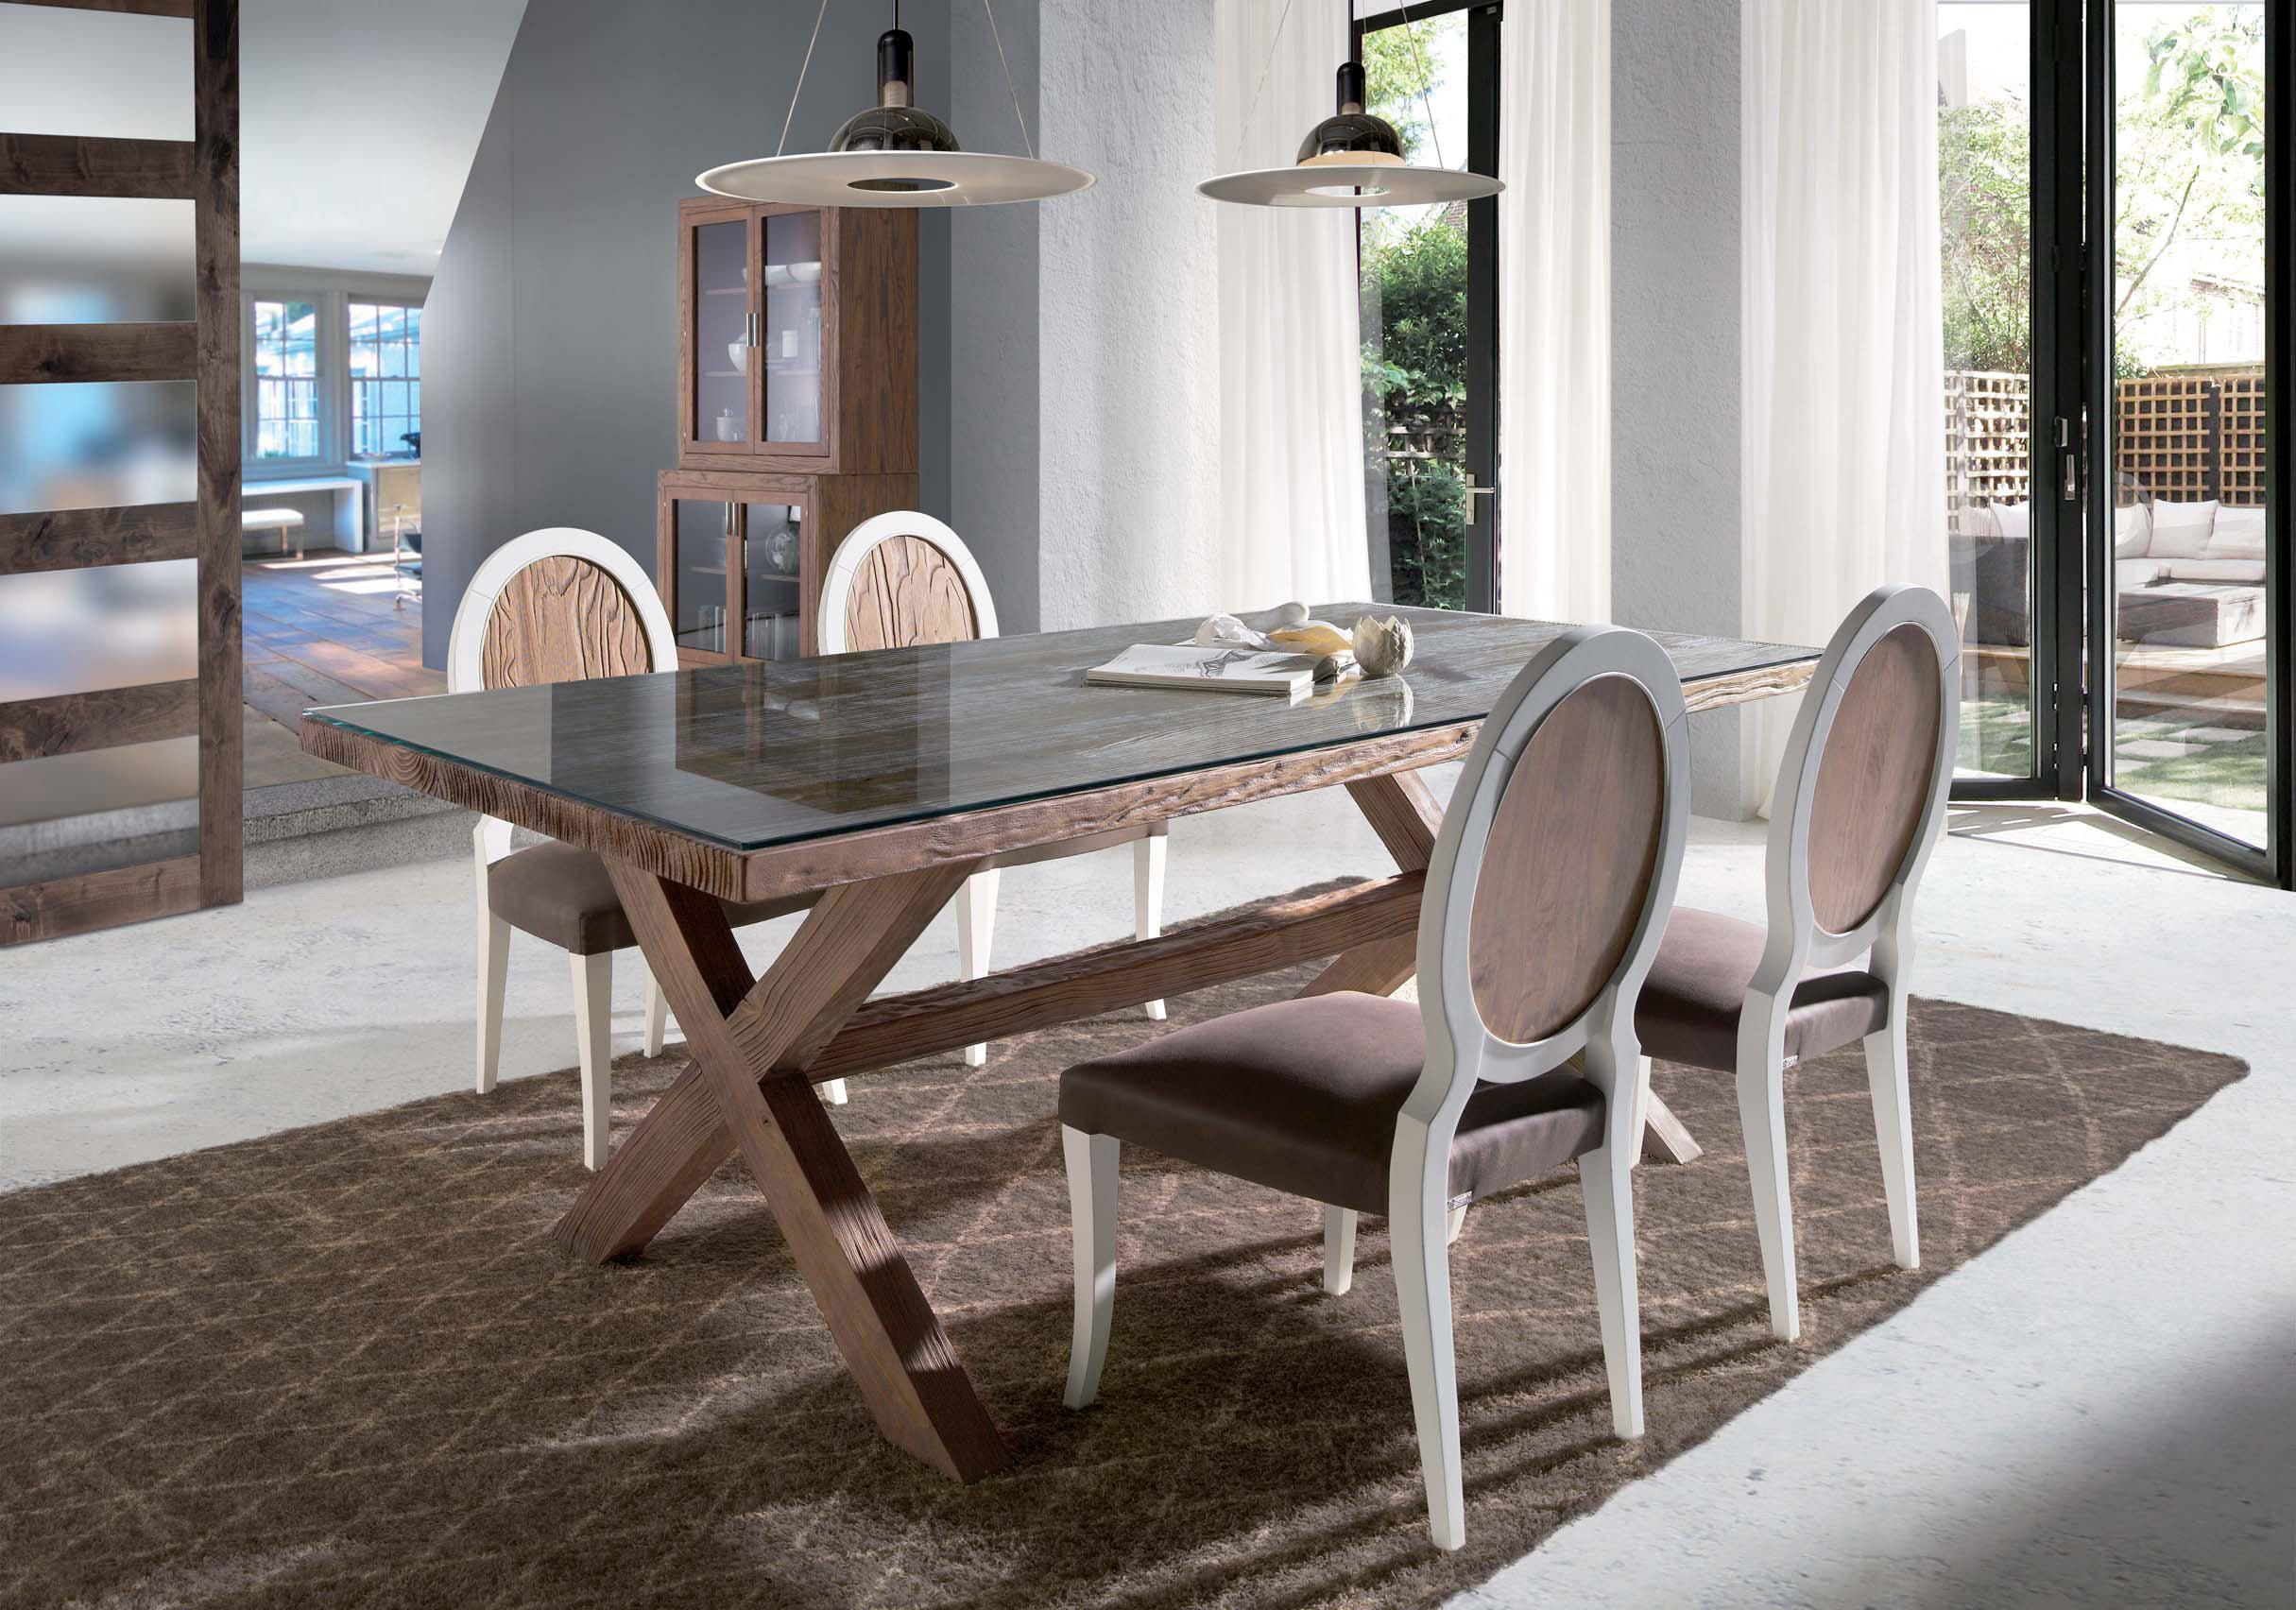 Mesas comedor con aire r stico villalba interiorismo for Mesas y comedores